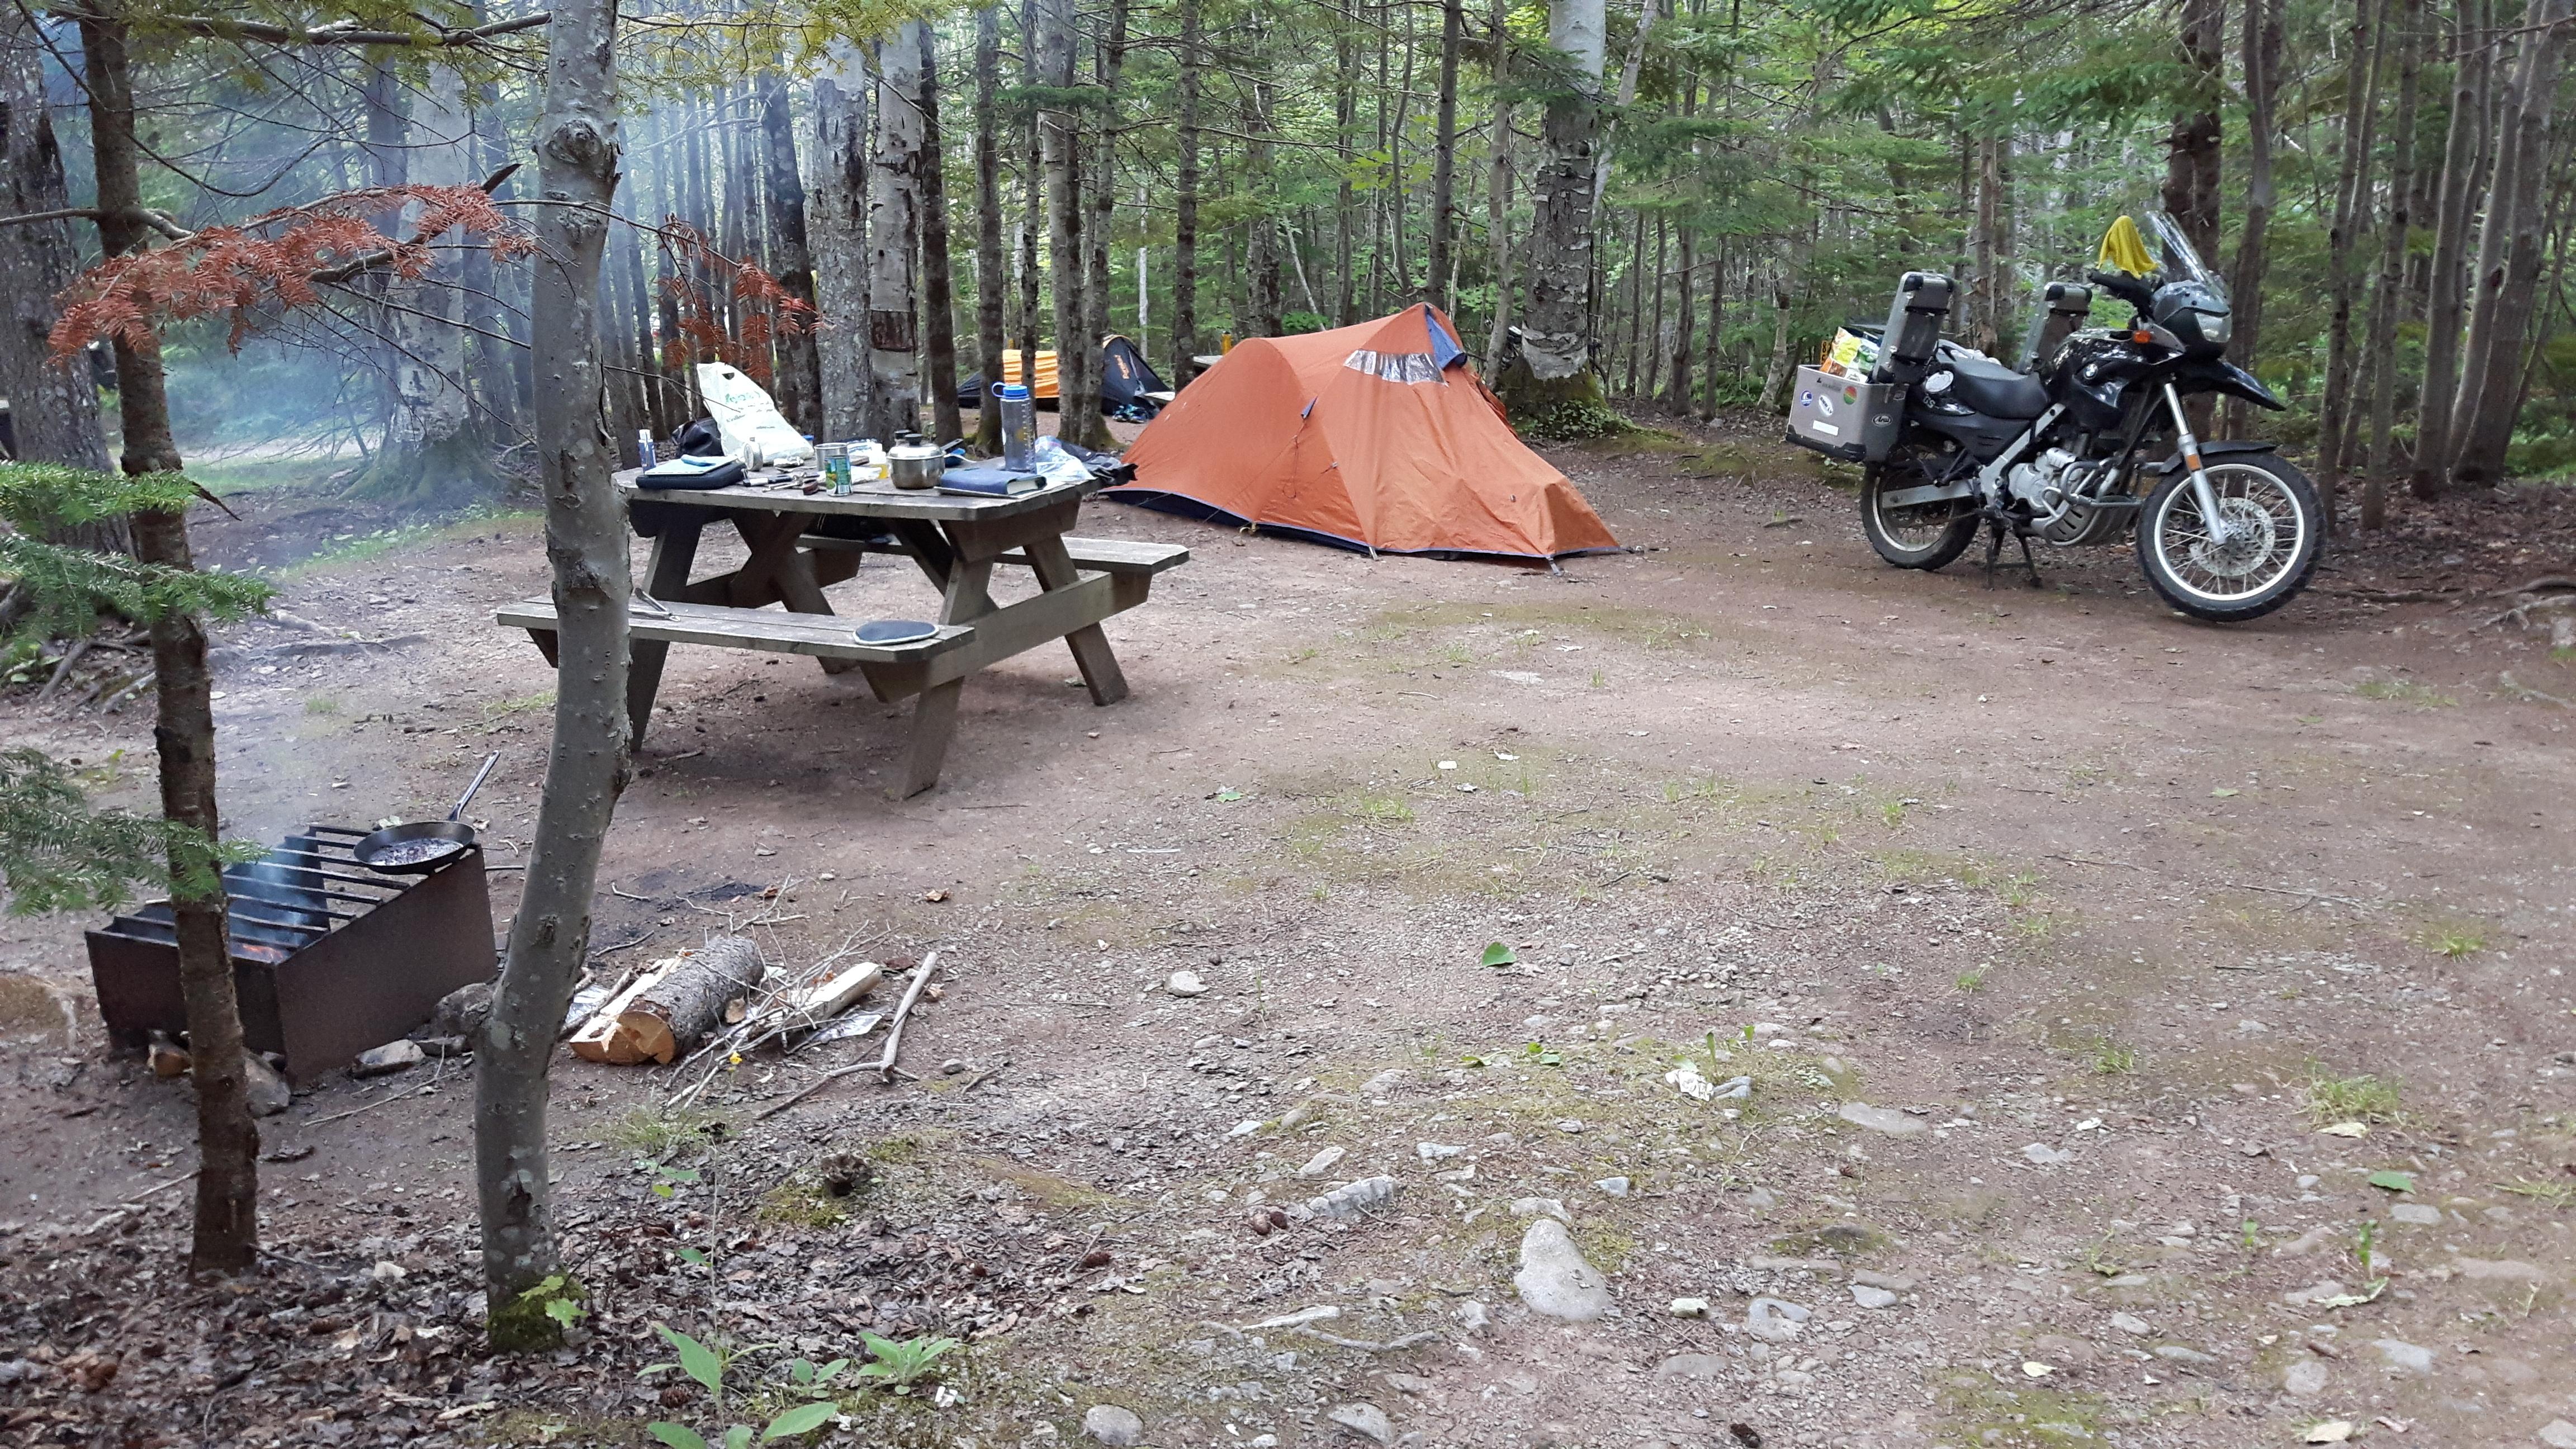 Baddeck Camp